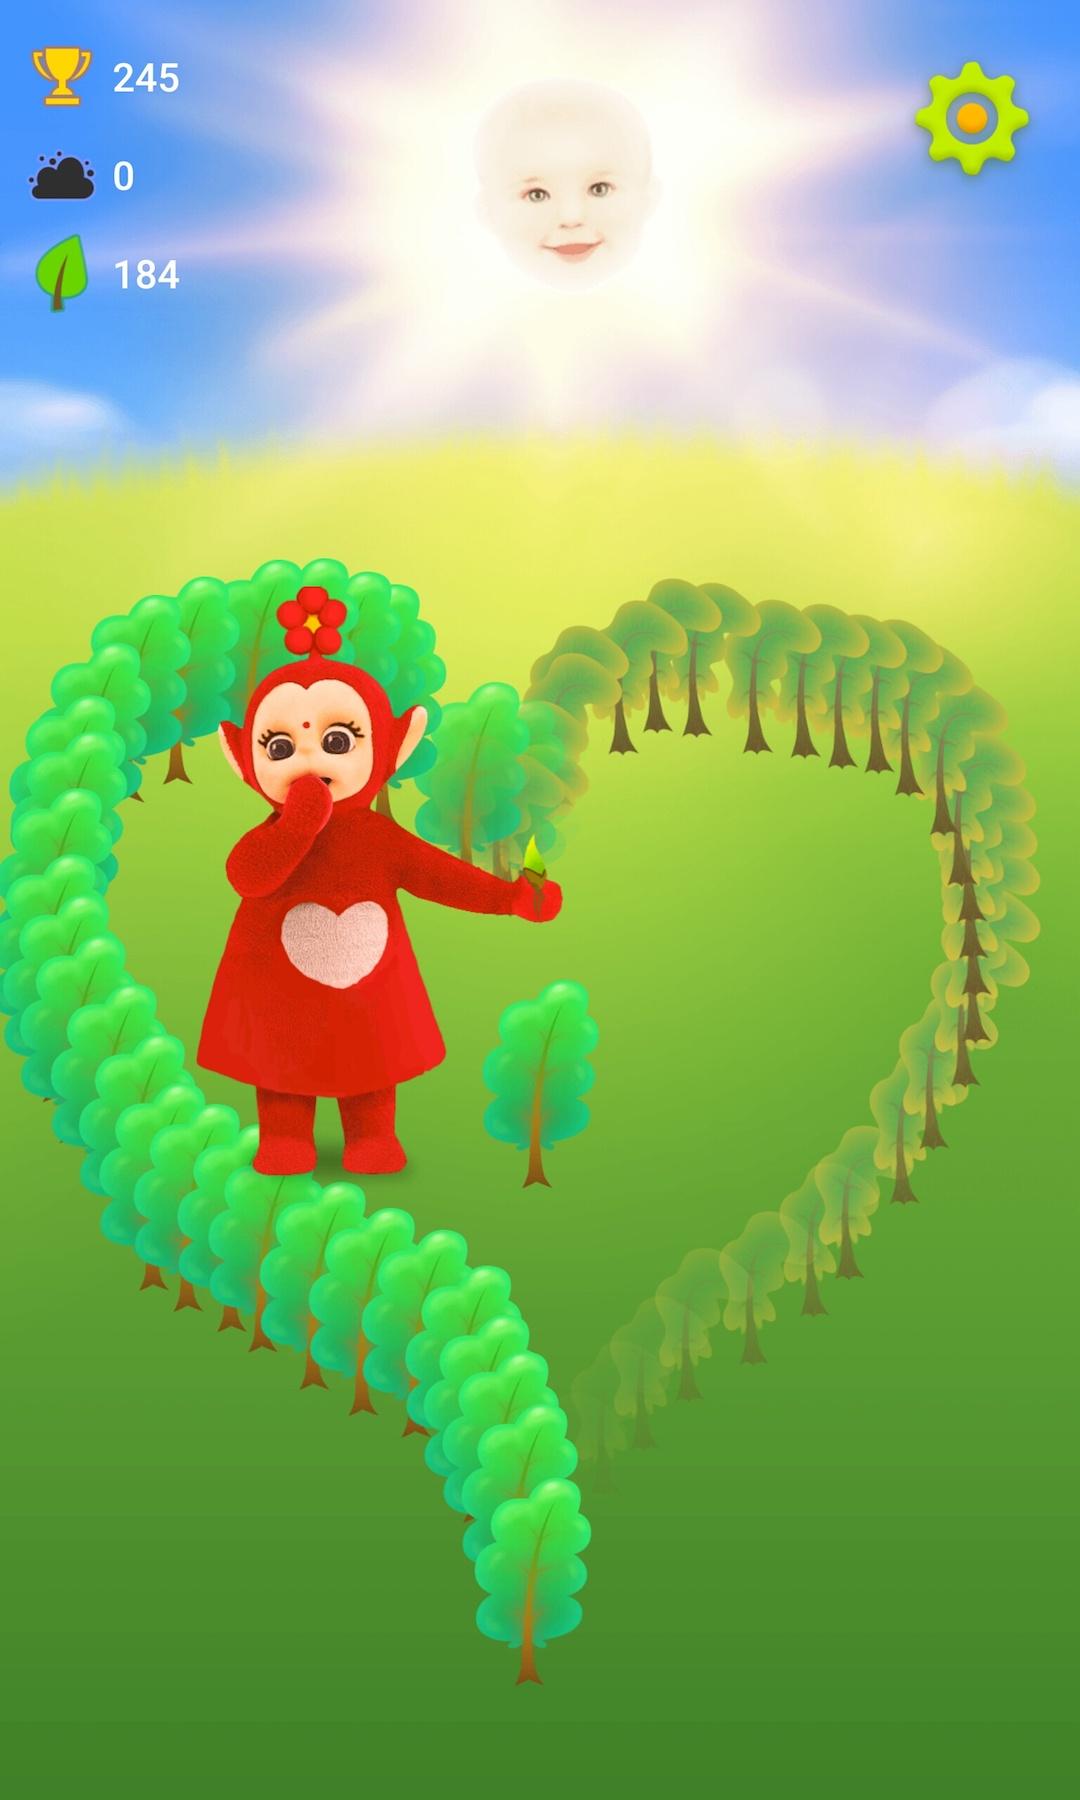 爱心宝宝来种树-应用截图